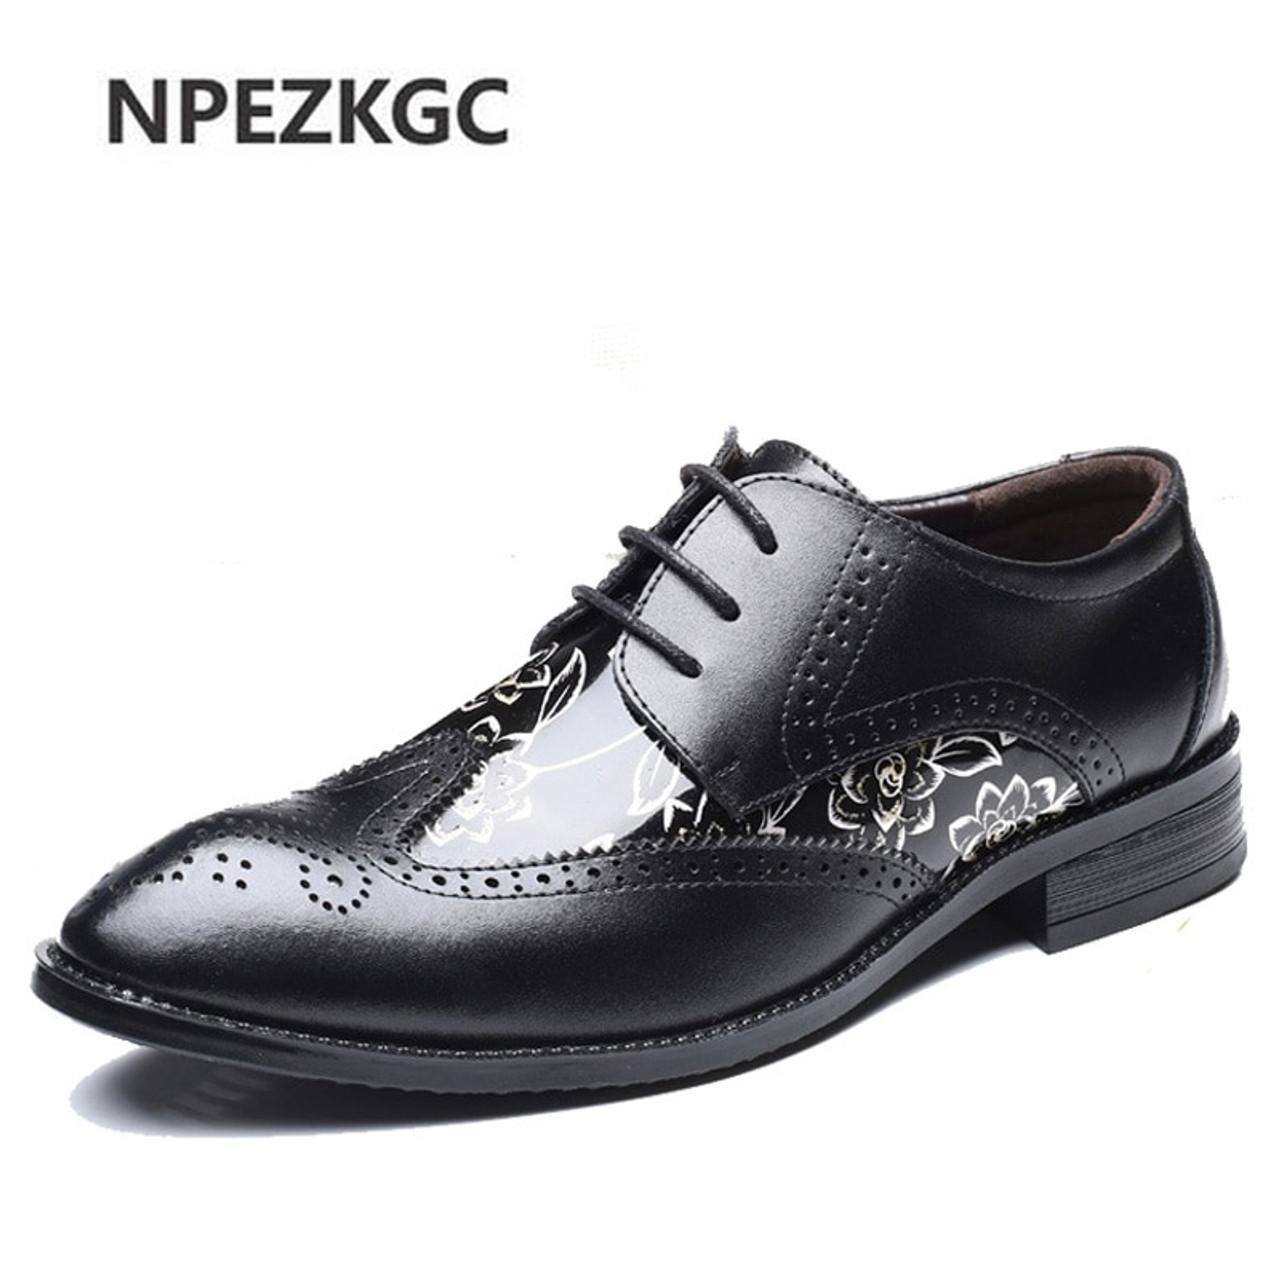 Men's Shoes Shoes Npezkgc Men Shoes Luxury Brand Classic Fashion Formal Wedding Dress Shoes For Men Oxfords Zapatos Hombre Weaving Leather Shoes